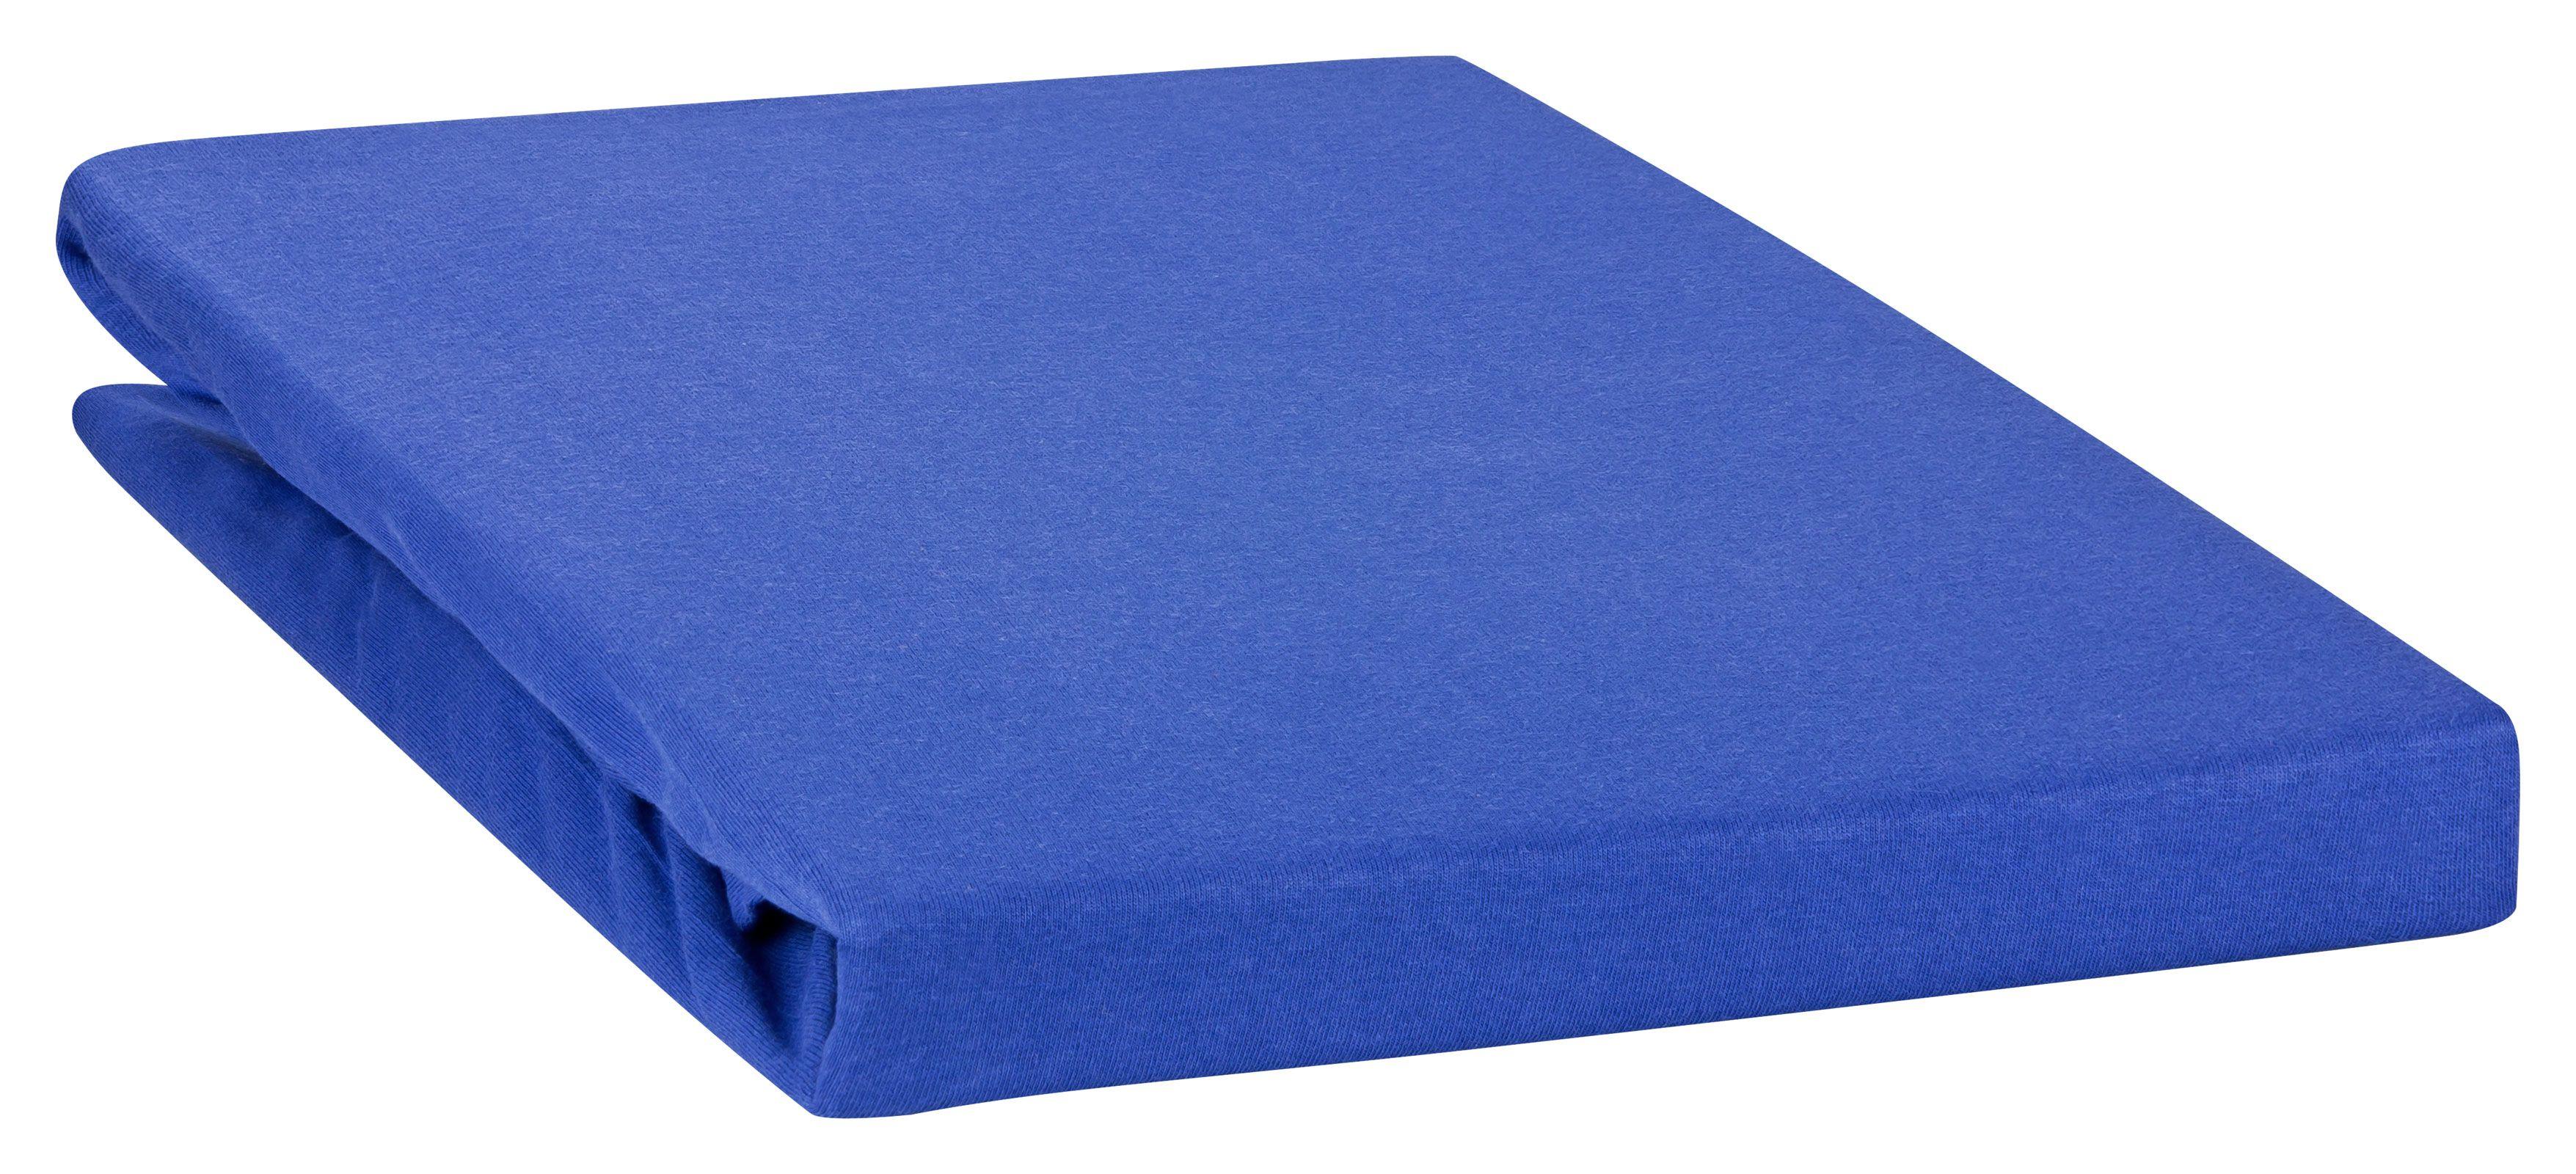 Moon Spannbetttuch Spannbettlaken auch für`s Wasserbett 160g/m² Jersey Line günstig online kaufen